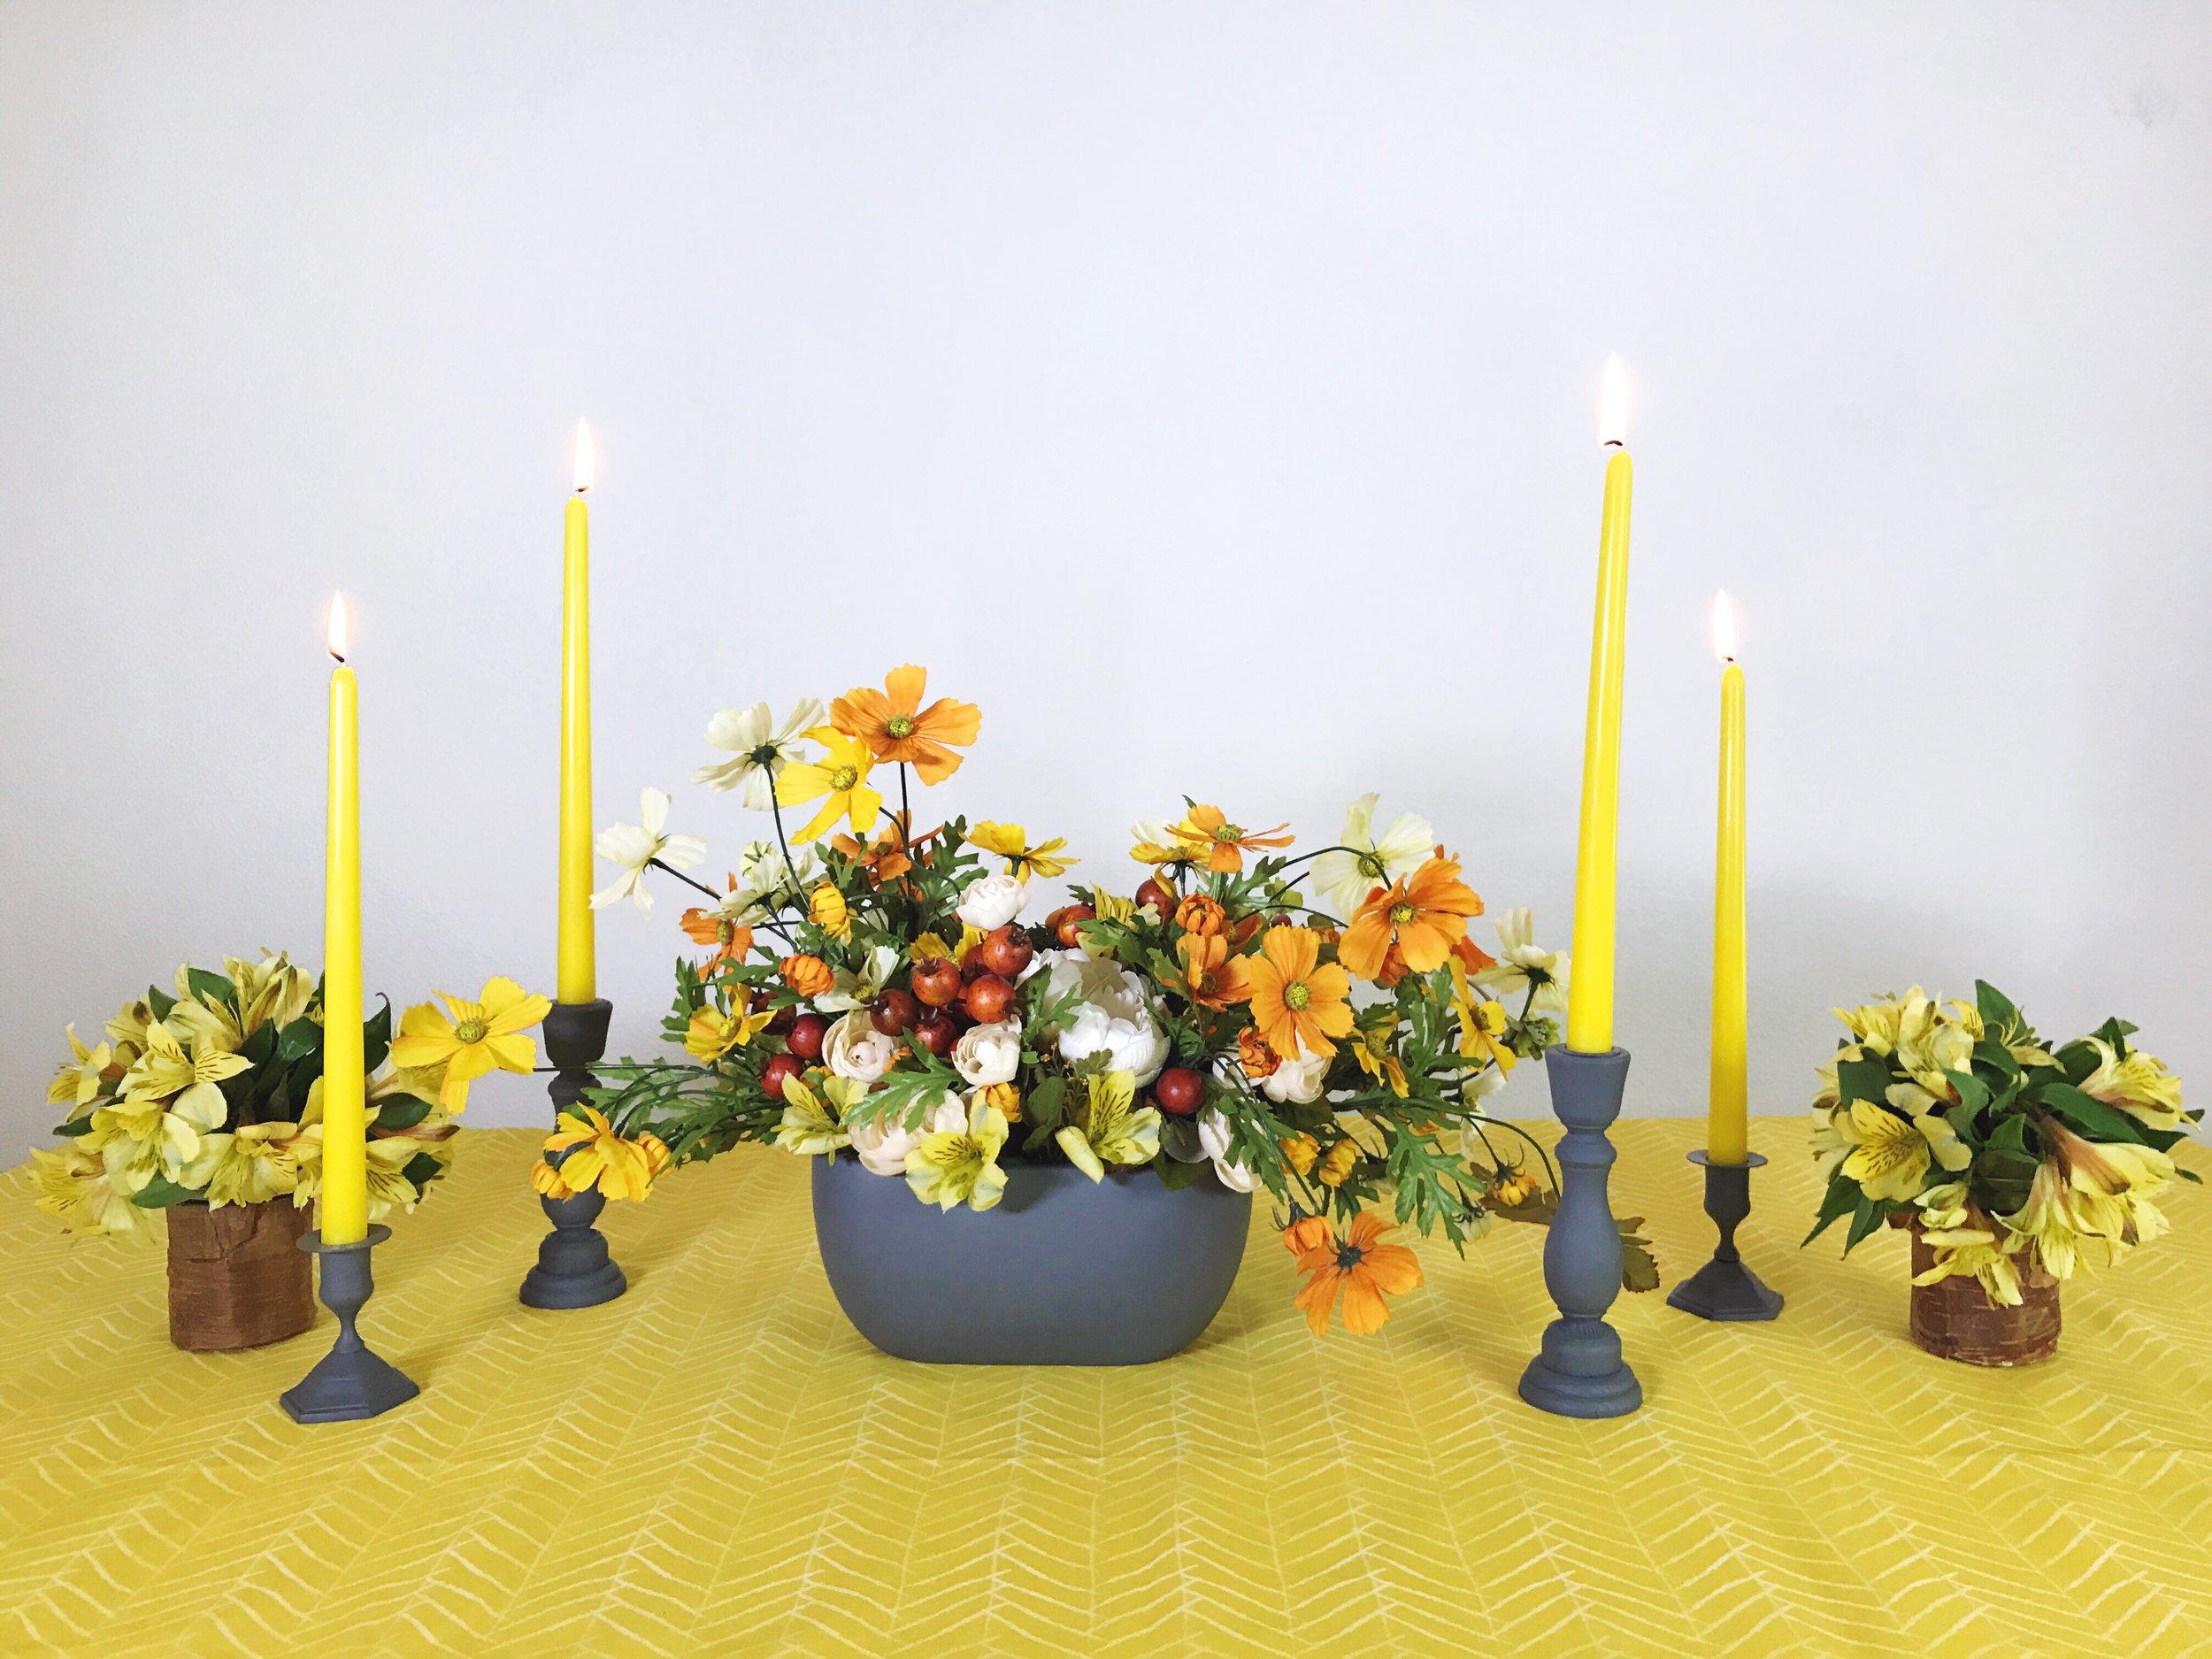 Original_Marabou-Design-Homemade-Harvest-Centerpiece—Step-10.JPG